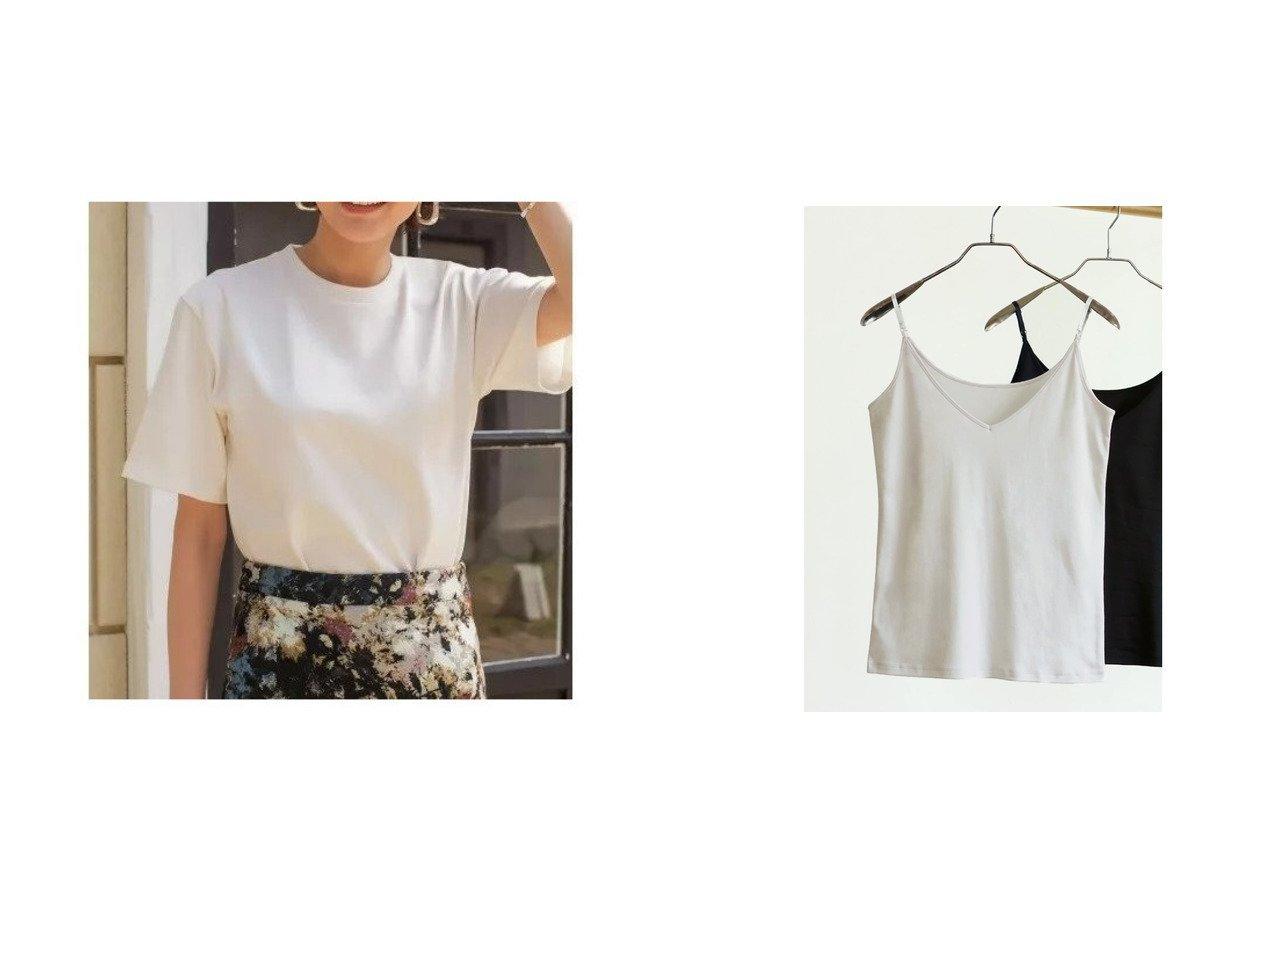 【STYLE DELI/スタイルデリ】の【Made in Japan】コットンインナーキャミソール&ボーイズライクしっかり生地Tシャツ トップス・カットソーのおすすめ!人気、トレンド・レディースファッションの通販  おすすめで人気の流行・トレンド、ファッションの通販商品 メンズファッション・キッズファッション・インテリア・家具・レディースファッション・服の通販 founy(ファニー) https://founy.com/ ファッション Fashion レディースファッション WOMEN トップス カットソー Tops Tshirt キャミソール / ノースリーブ No Sleeves シャツ/ブラウス Shirts Blouses ロング / Tシャツ T-Shirts カットソー Cut and Sewn イエロー インナー キャミ キャミソール シンプル ジャケット なめらか リボン 再入荷 Restock/Back in Stock/Re Arrival カットソー トレンド 定番 Standard バランス フォルム プリーツ ペンシル 半袖 無地 |ID:crp329100000022791